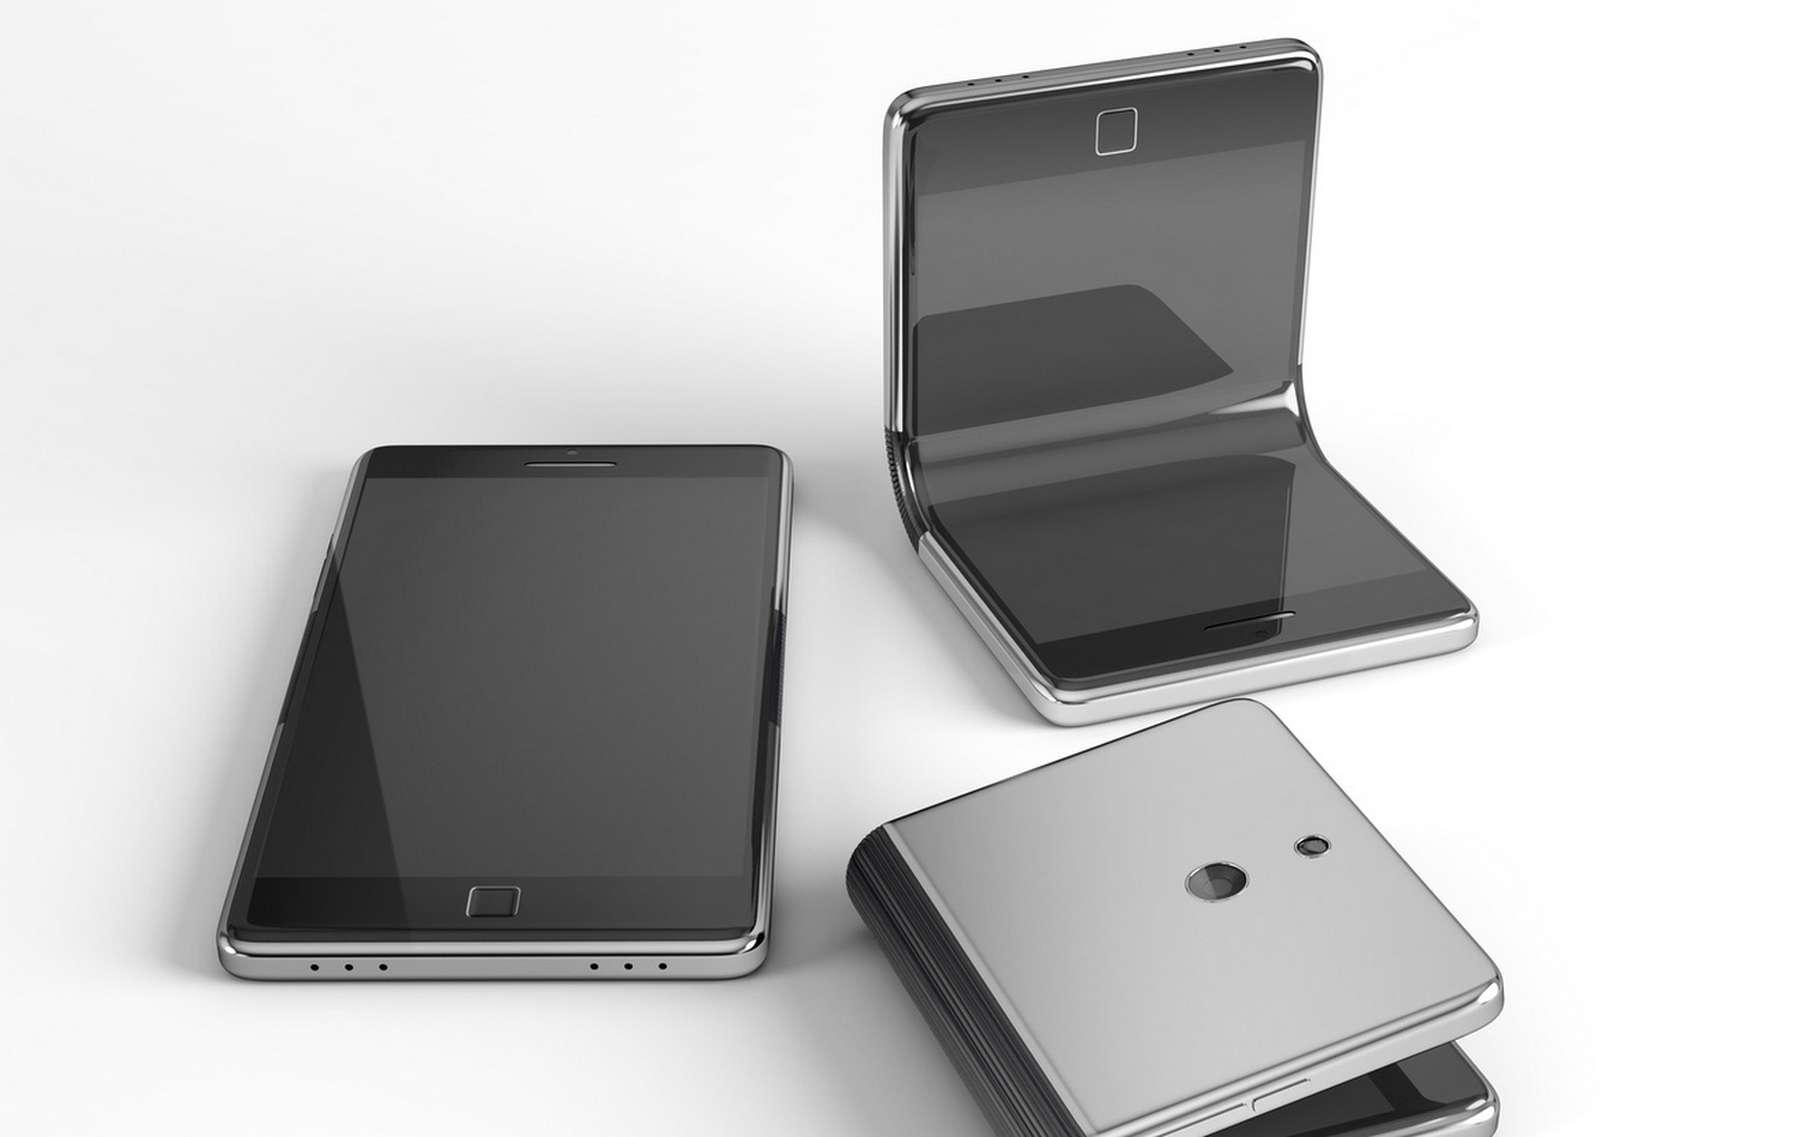 Samsung Galaxy S9 et Galaxy X pliable : un point sur les dernières rumeurs. Avec l'ordinateur hybride Surface Book, Microsoft a introduit un système de charnière innovant dont Samsung pourrait chercher à s'inspirer pour ses futurs smartphones à écran pliable. © Microsoft